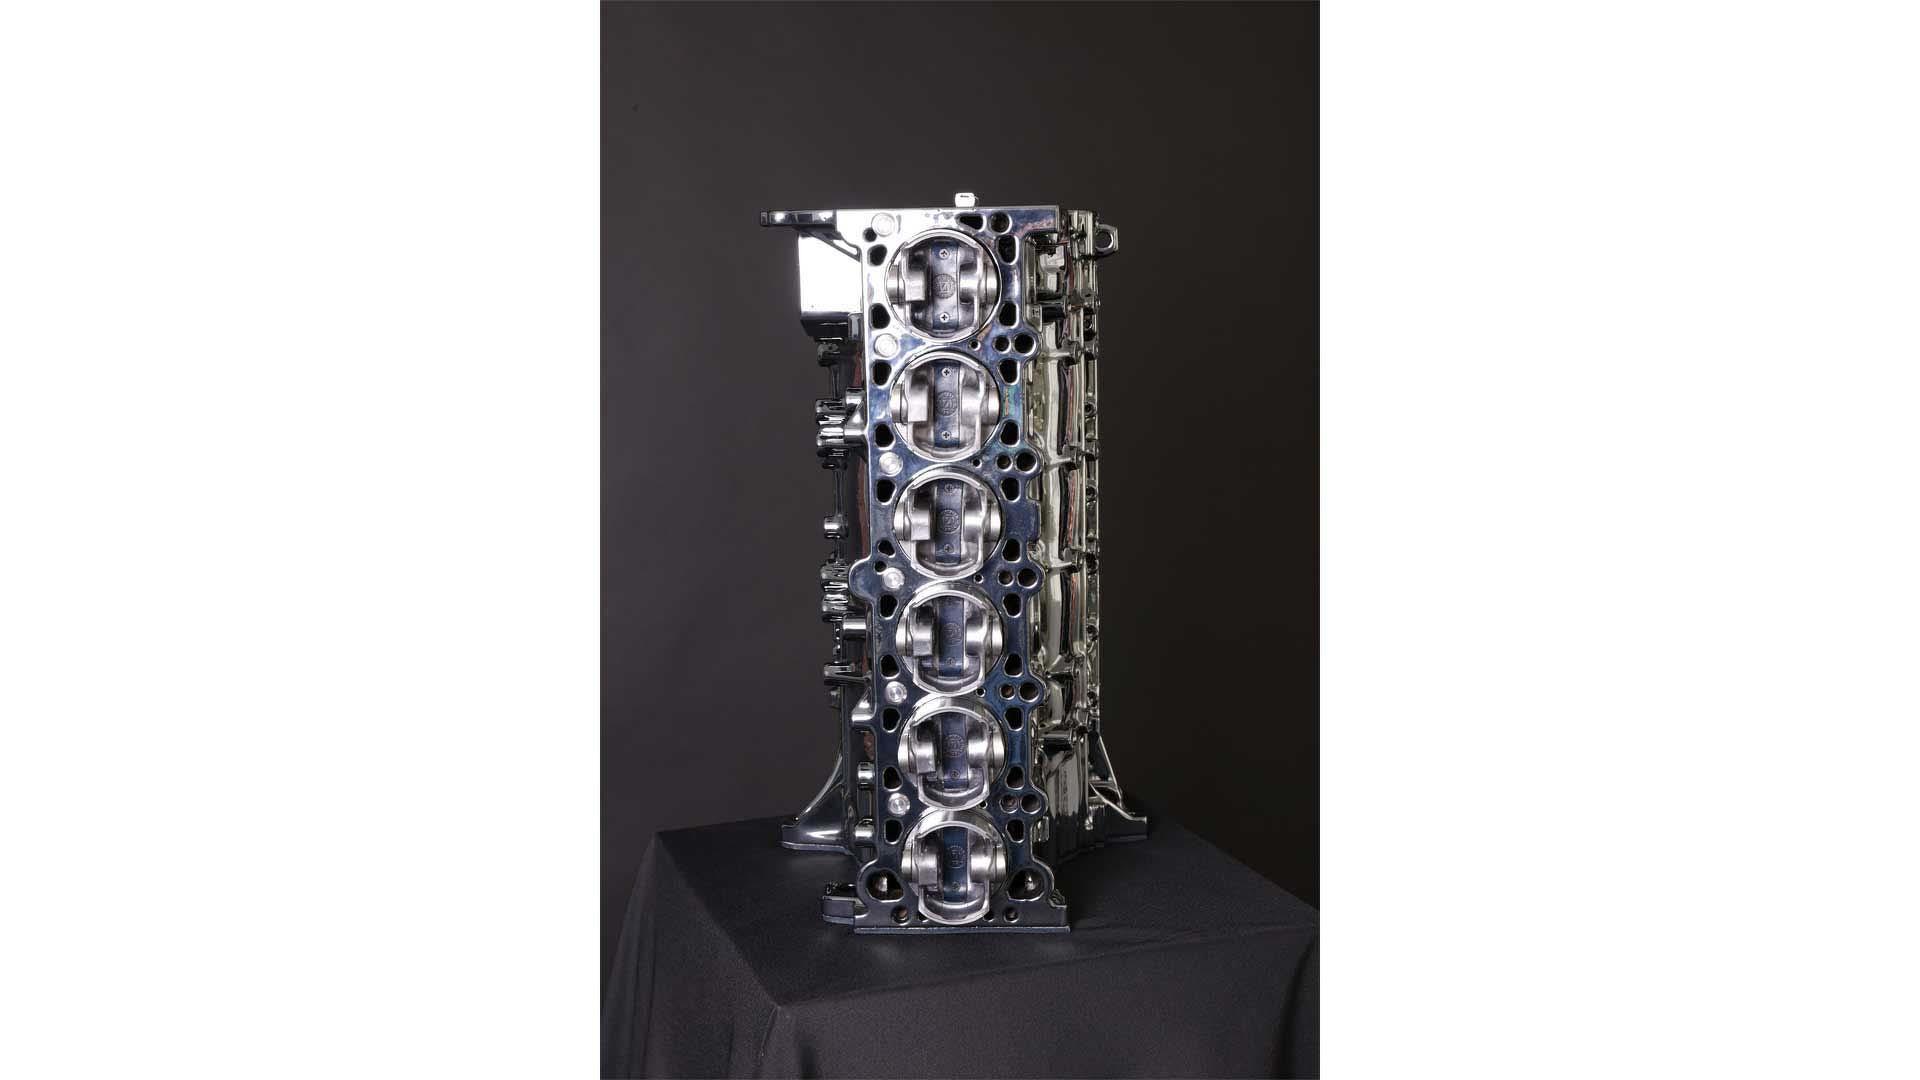 vulcan-innova-vi52 (20)